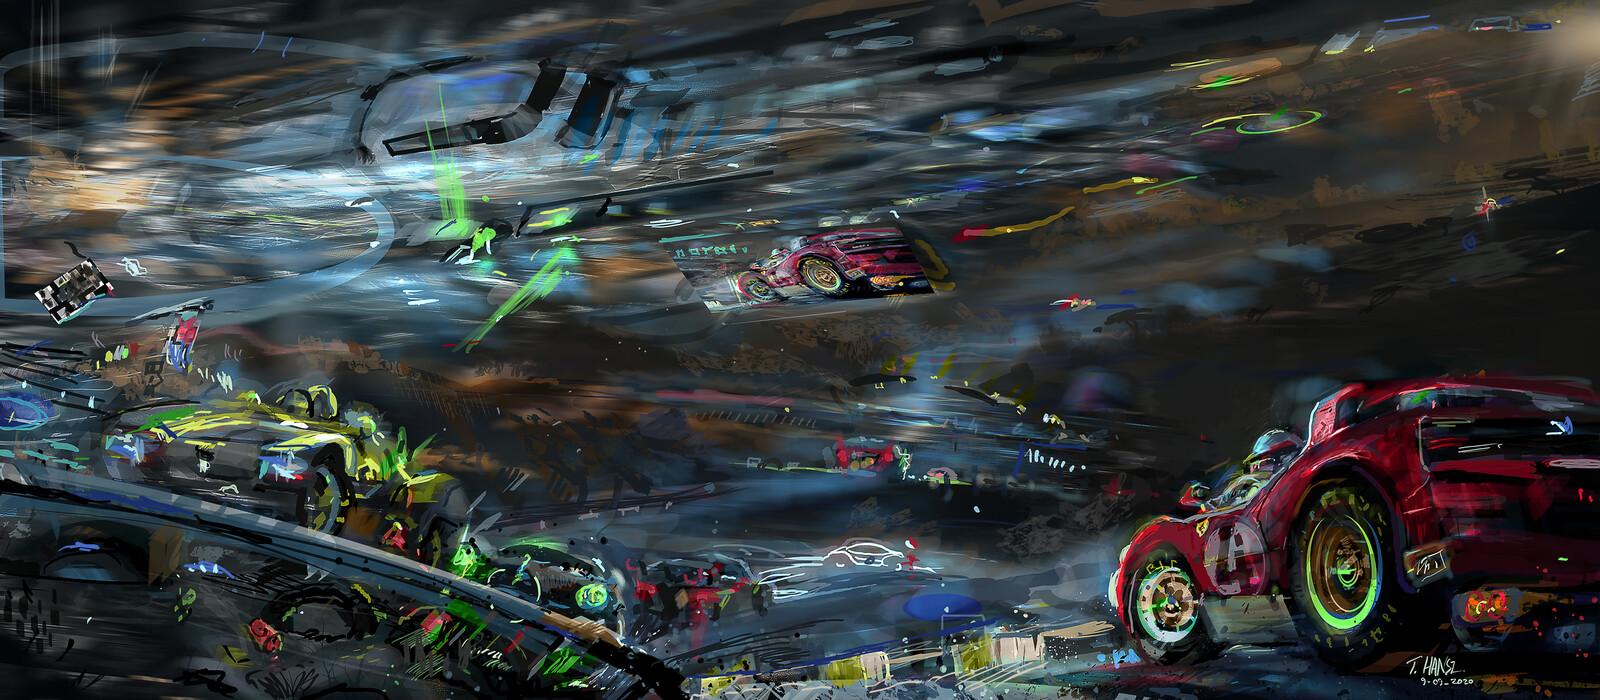 Night race.